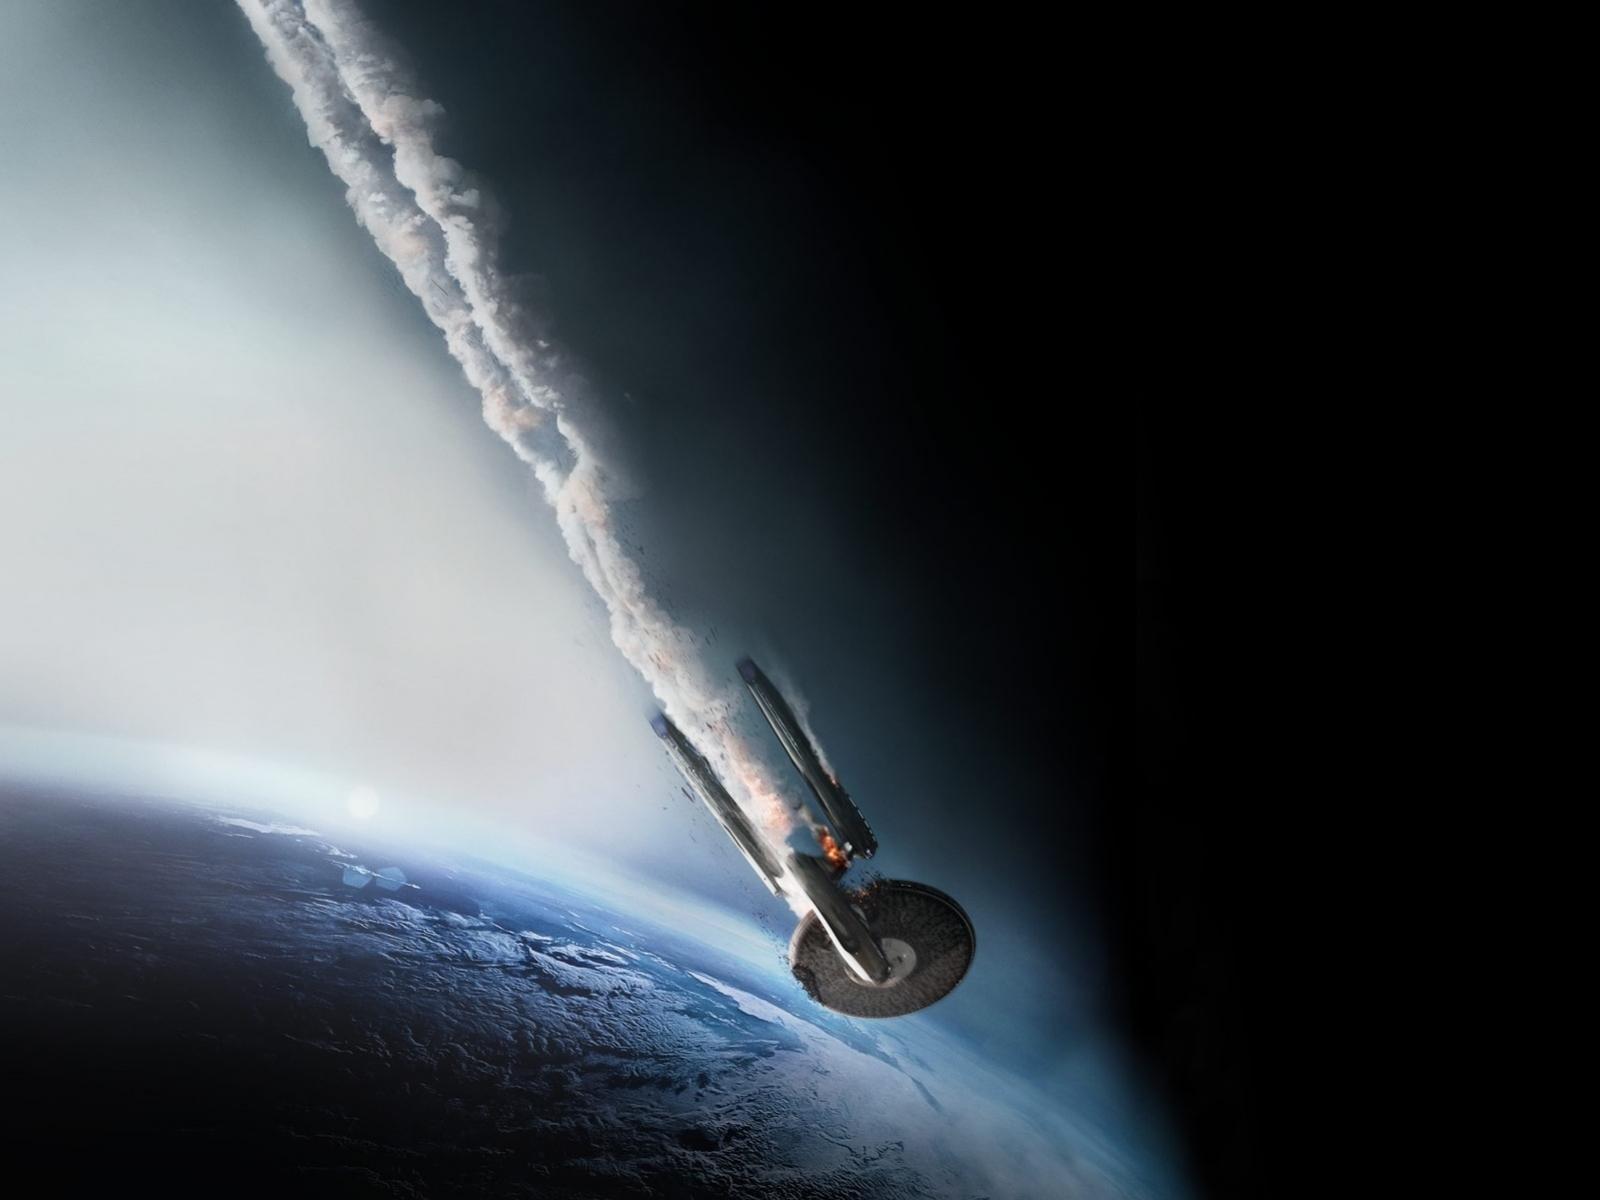 Star Trek Into Darkness Wallpapers Hd For Desktop Backgrounds